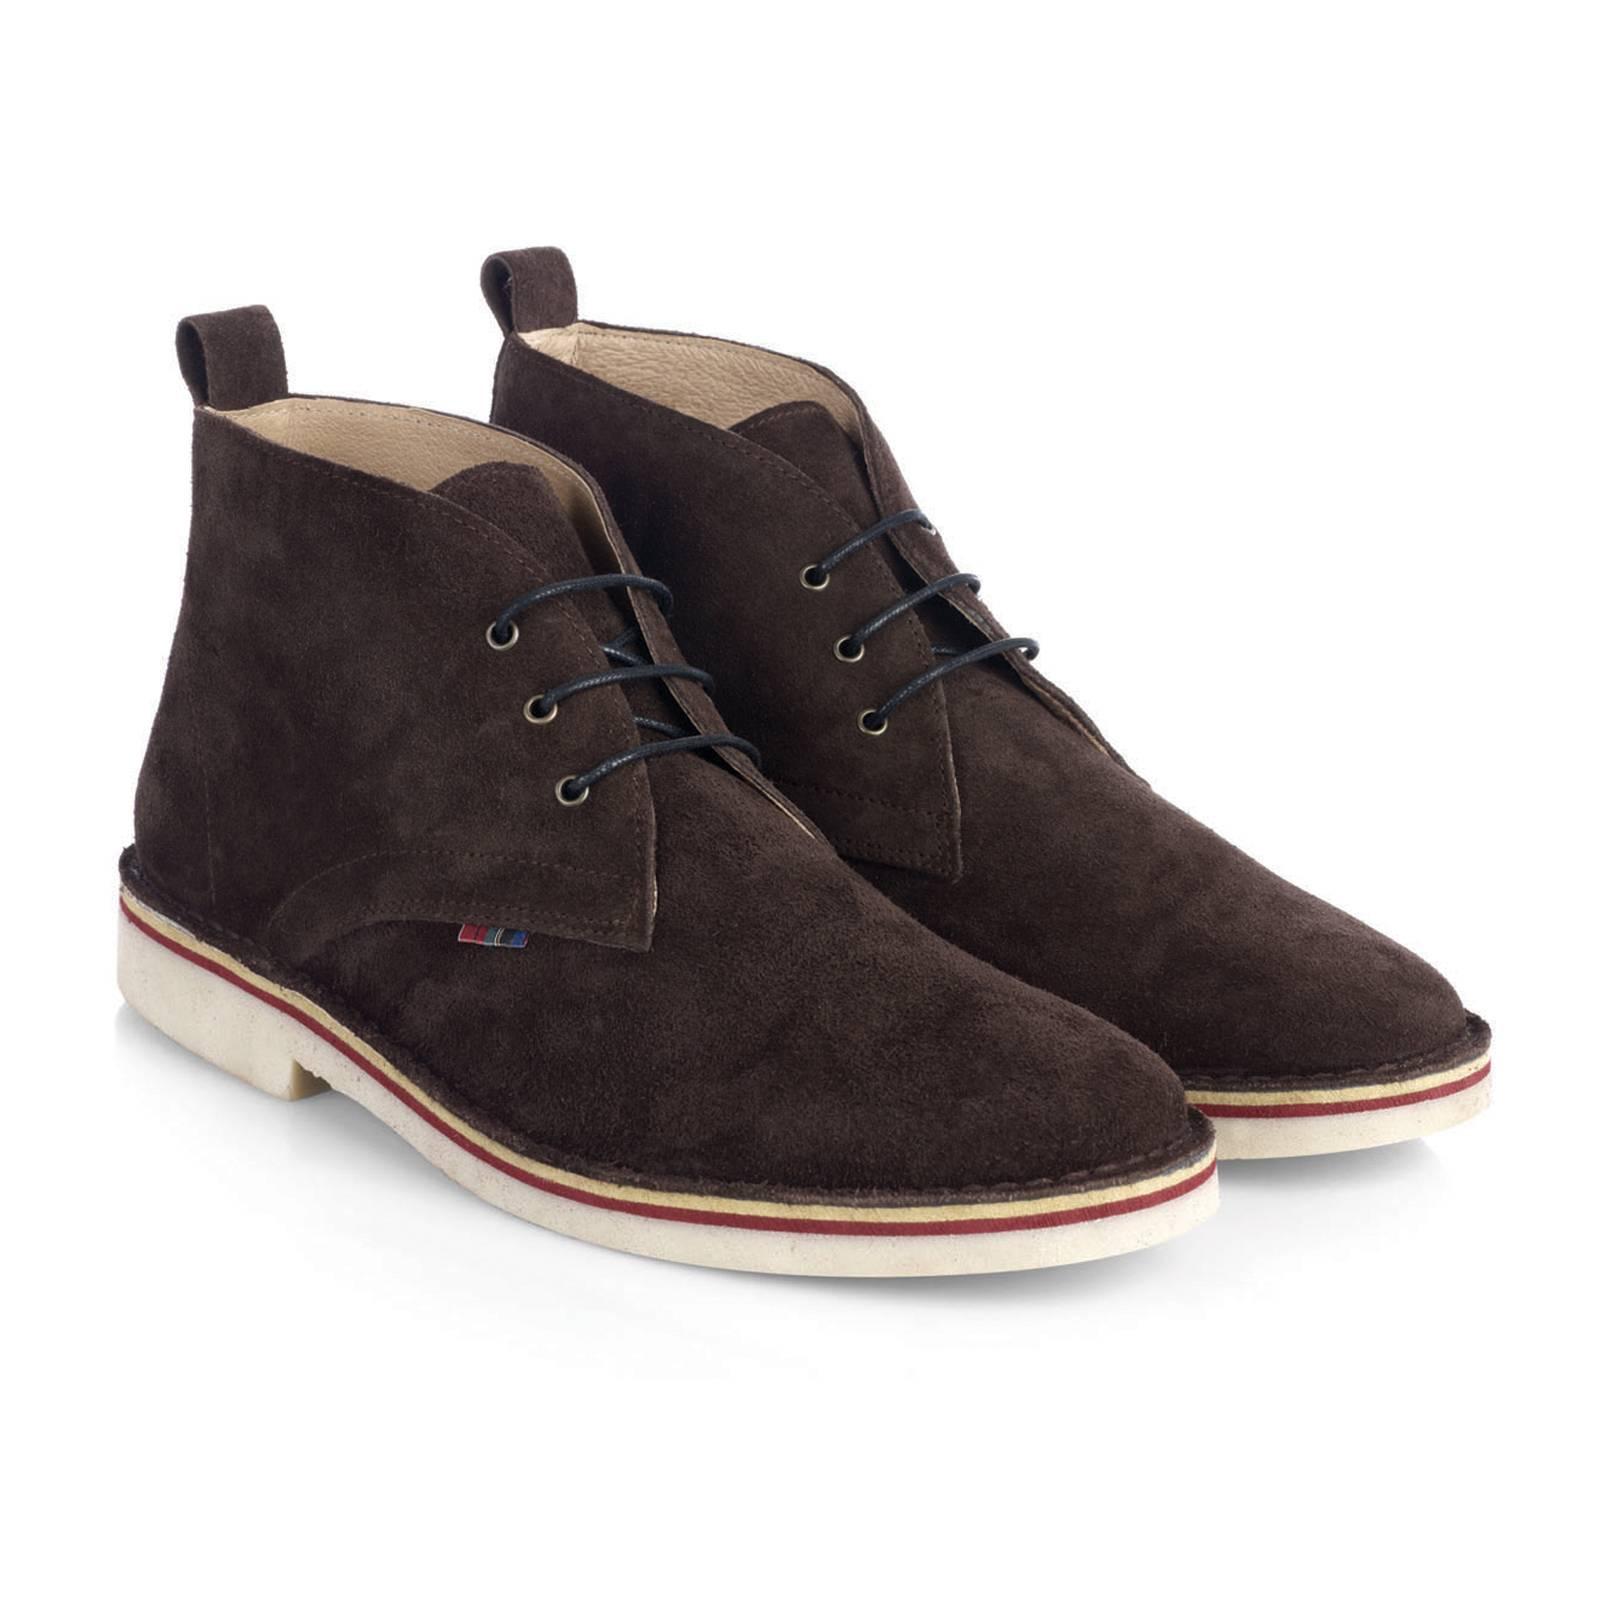 Дезерты HanoverCORE<br>Легендарная, родом из 60-х, модель кэжуальных ботинок &amp;amp;quot;Desert Boots&amp;amp;quot; - must-have для любого casual модника и основа современного повседневного стиля. Пришедшие в моду из гардероба Британских военных времен Второй мировой войны, в 60-х Дезерты стали модной иконой в задававших тон субкультурах и европейских творческих кругах. С тех пор эти ботинки не сходят со страниц fashion журналов, а их актуальность сегодня не вызывает сомнений. &amp;lt;br /&amp;gt;<br>&amp;lt;br /&amp;gt;<br>Произведенные в Испании из высококачественной замши в лучших классических традициях стиля, Дезерты Merc комфортны, долговечны и поистине универсальны. Четкое соответствие заявленным размерам - важное дополнение к преимуществам этой модели.&amp;lt;br /&amp;gt;<br>&amp;lt;br /&amp;gt;<br>Desert Boots можно носить с джинсами или чиносами, они прекрасно сочетаются с рубашками-поло, трикотажем и Харрингтонами. Широкая цветовая палитра позволяет подобрать Дезерты Merc в тон верха или на контрасте, в соответствии с последними тенденциями. Фирменная отличительная деталь Дезертов Merc - маленький клетчатый &amp;amp;quot;тартановый&amp;amp;quot; ярлычек справа и тартановая стелька.<br><br>Артикул: 0913210<br>Материал: 100% замша /гибкая резиновая подошва<br>Цвет: коричневый<br>Пол: Мужской